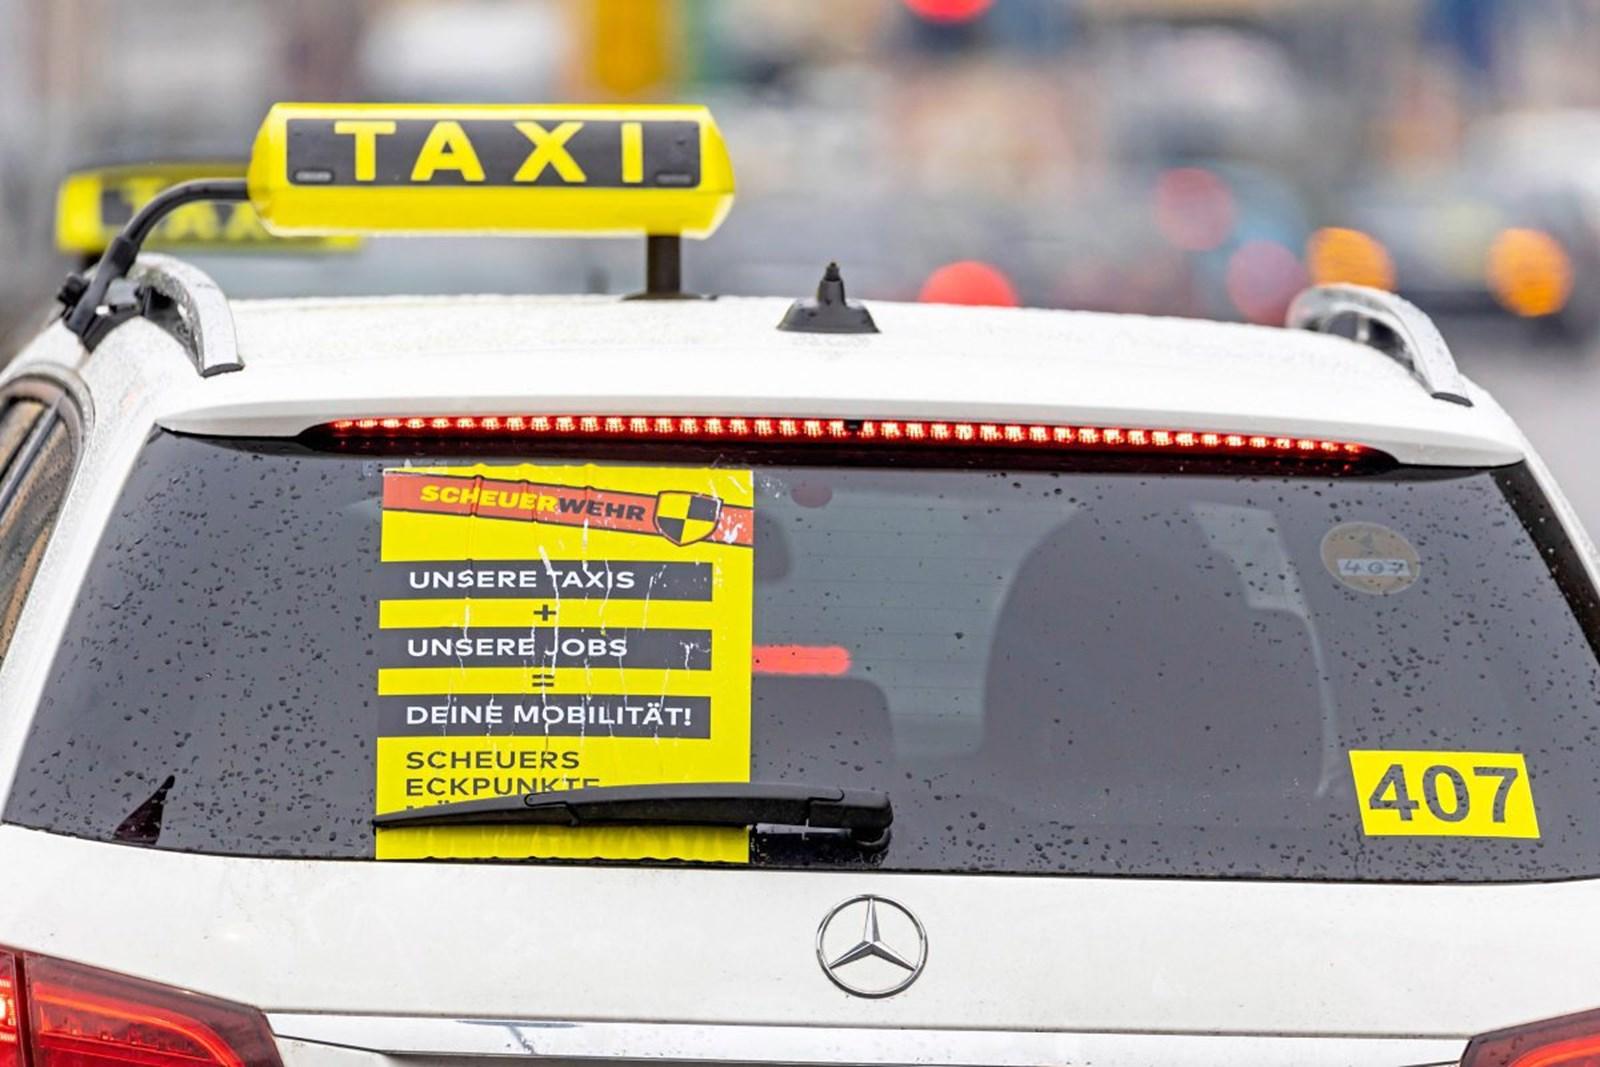 Ist es wirklich notwendig, fixe Taxipreise festzuschreiben?